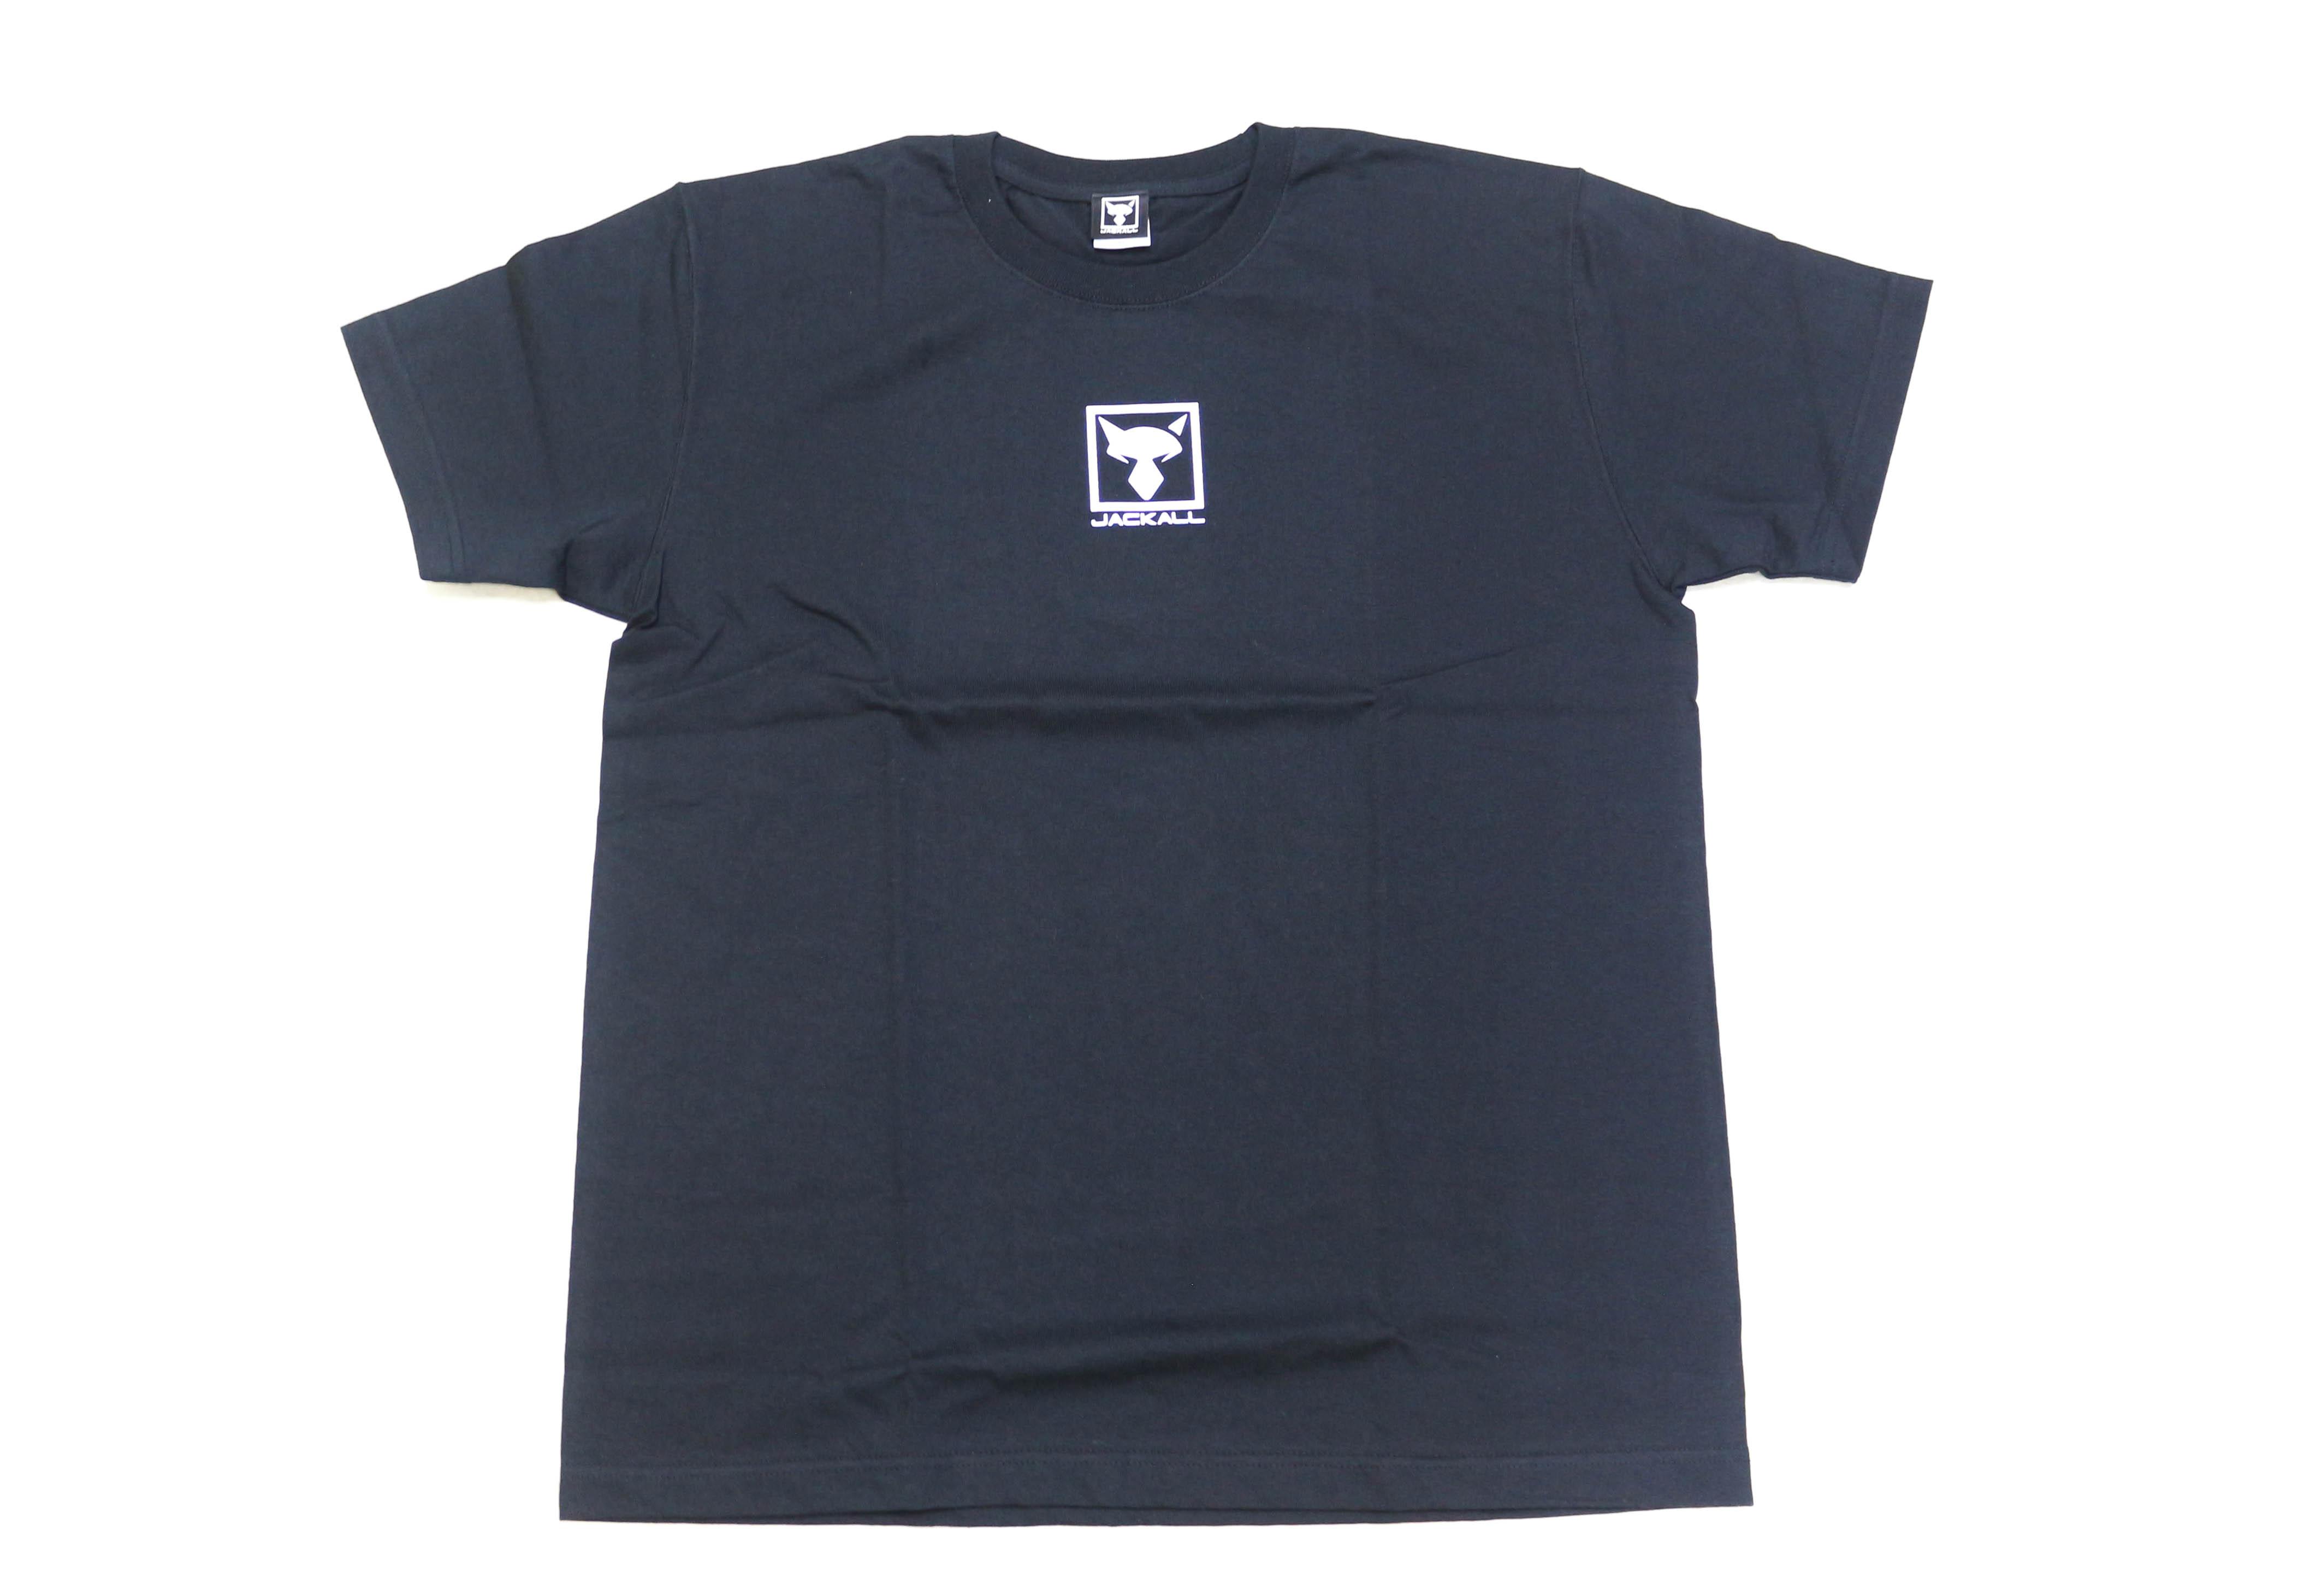 Jackall T Shirt Square Logo Black Size L (6643)